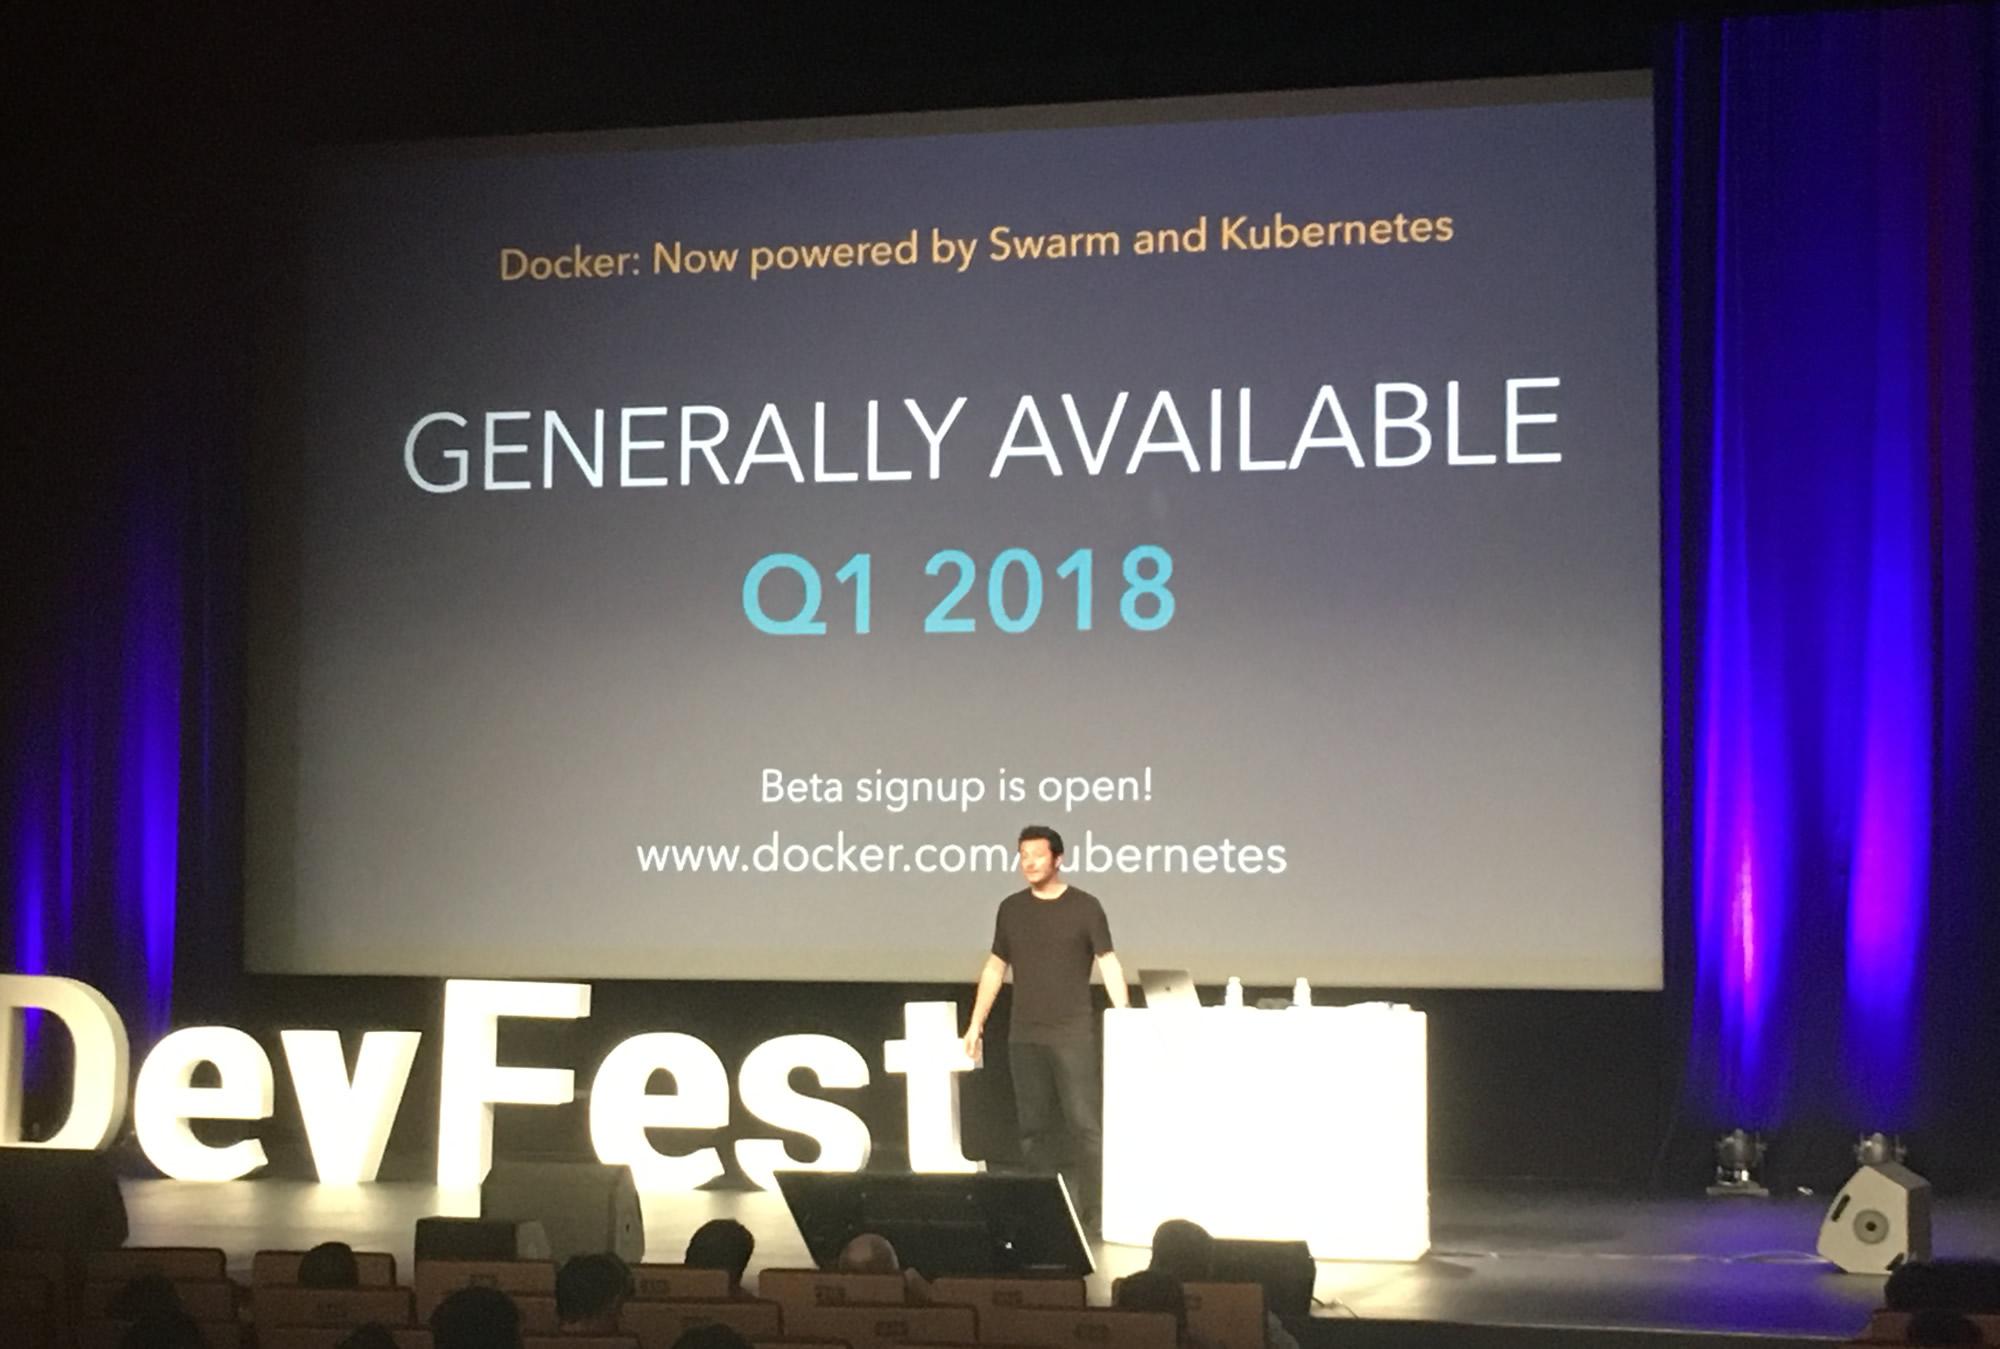 devfest-2017-docker.jpg